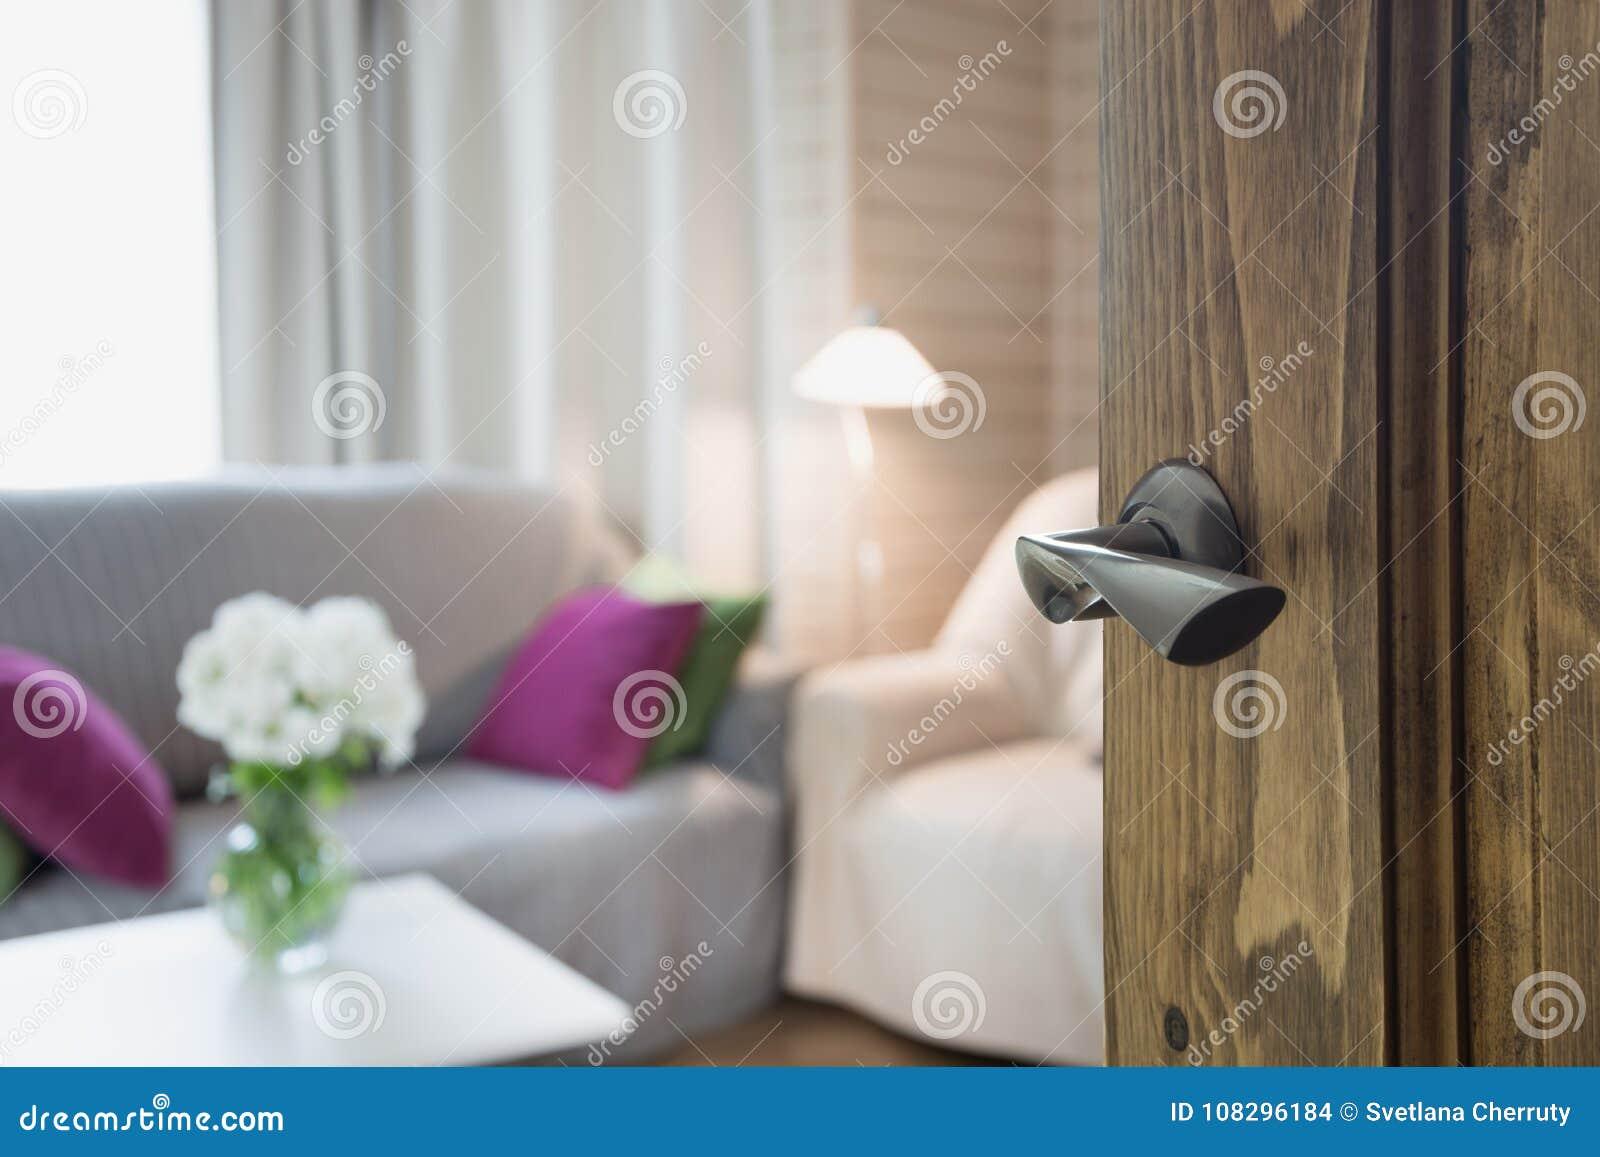 Divano sedia stile moderno in legno di quercia massiccio